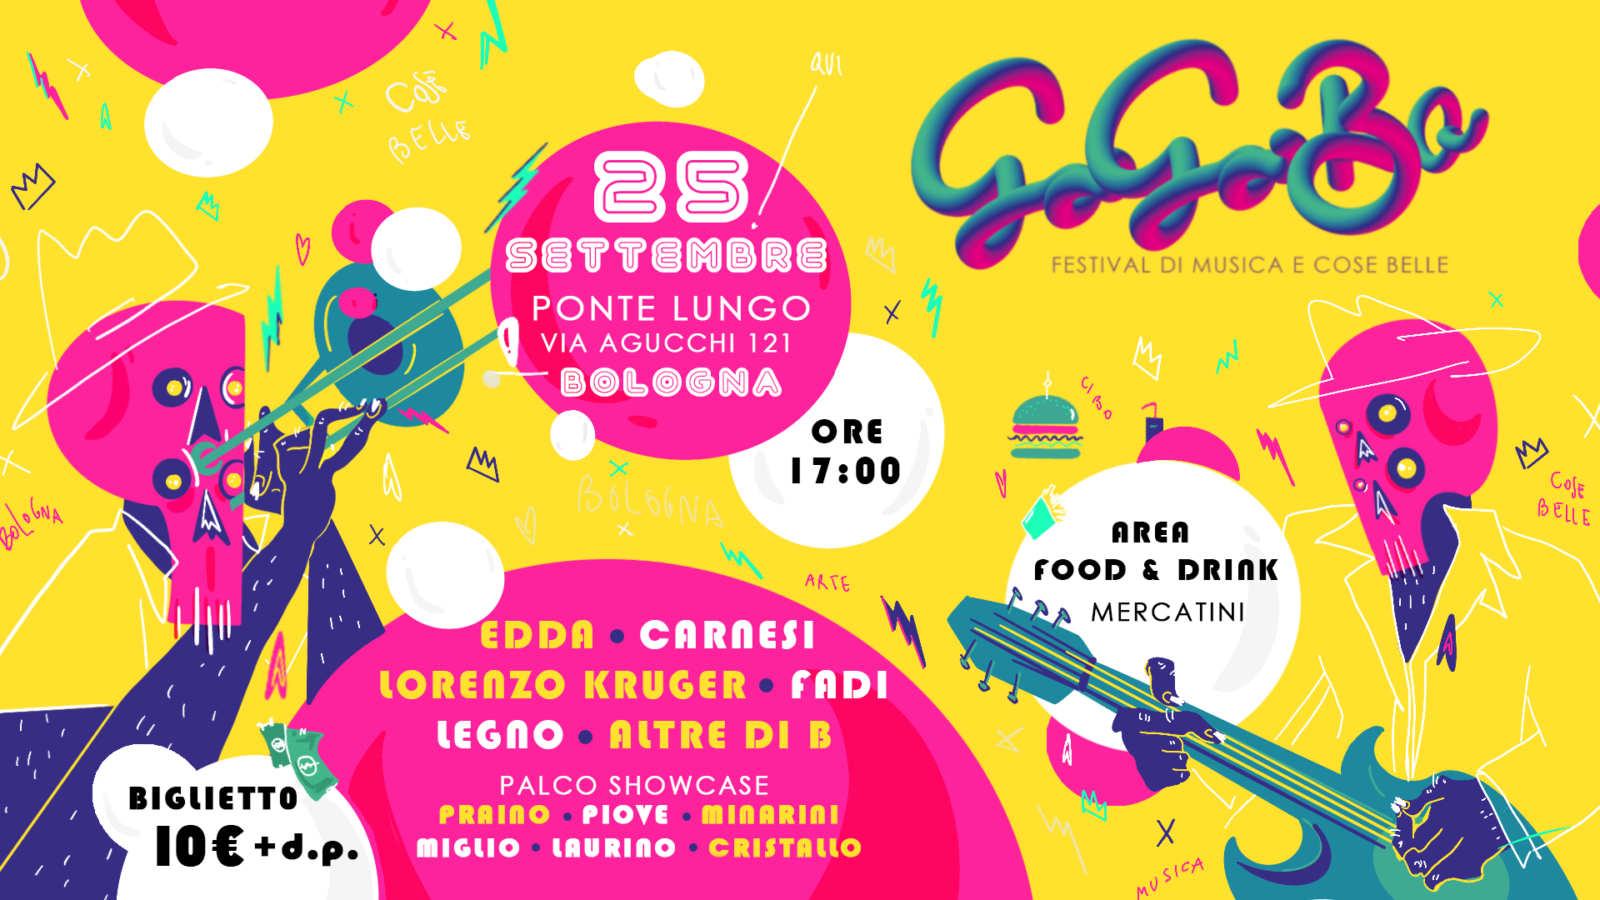 gogobo festival 2020